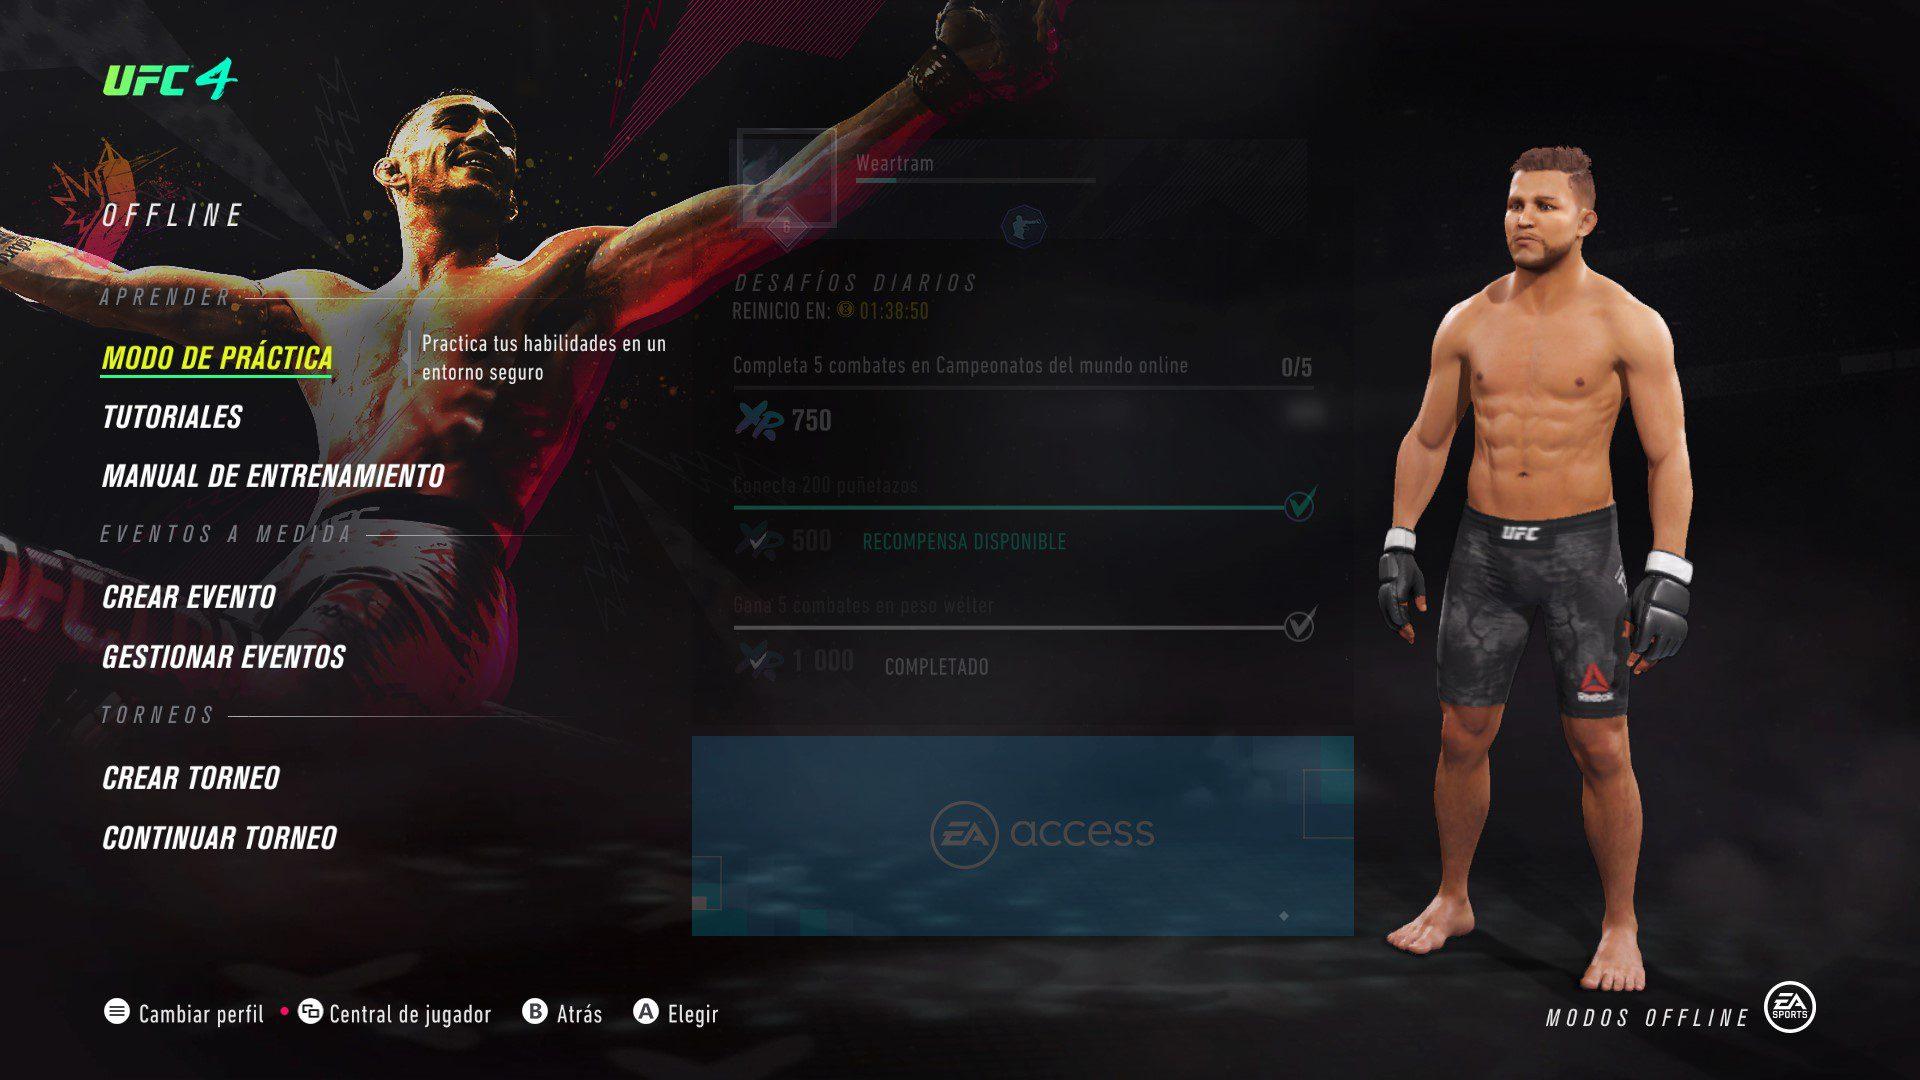 Análisis de UFC 4